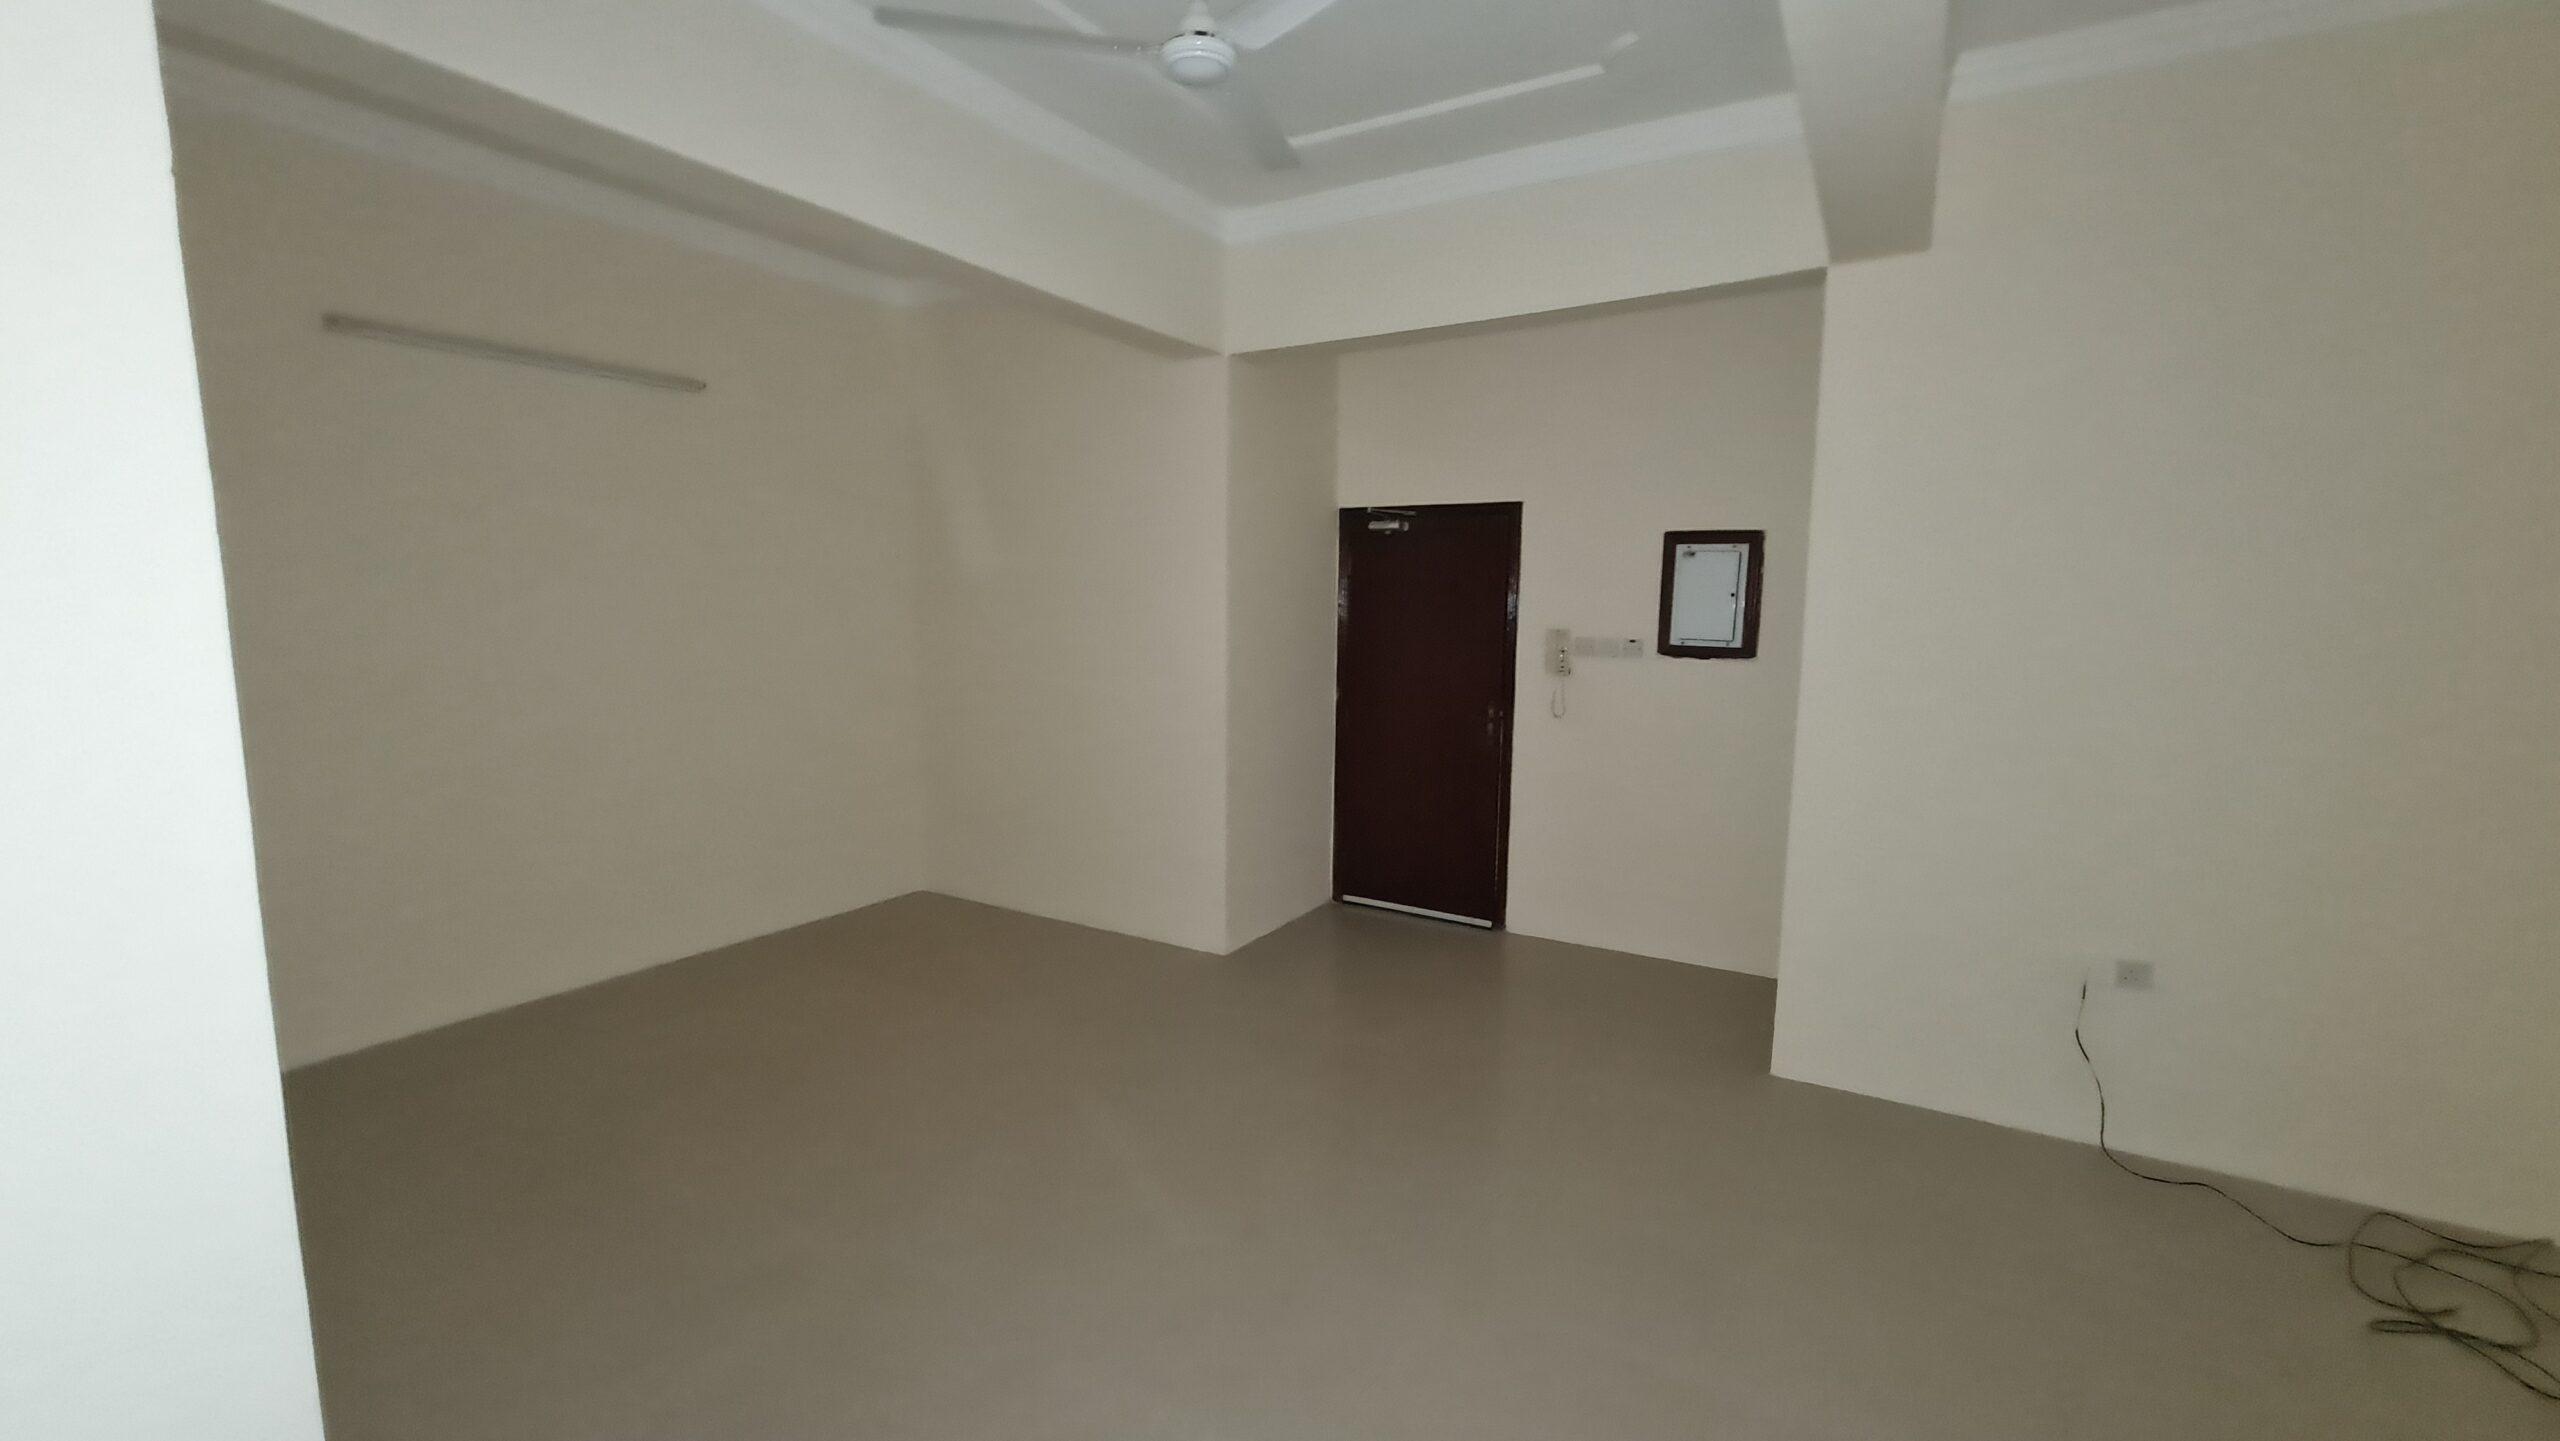 للإيجار شقة سكنية بمنطقة جدعلي قيمة الإيجار -/ 150 دينار بالشهر